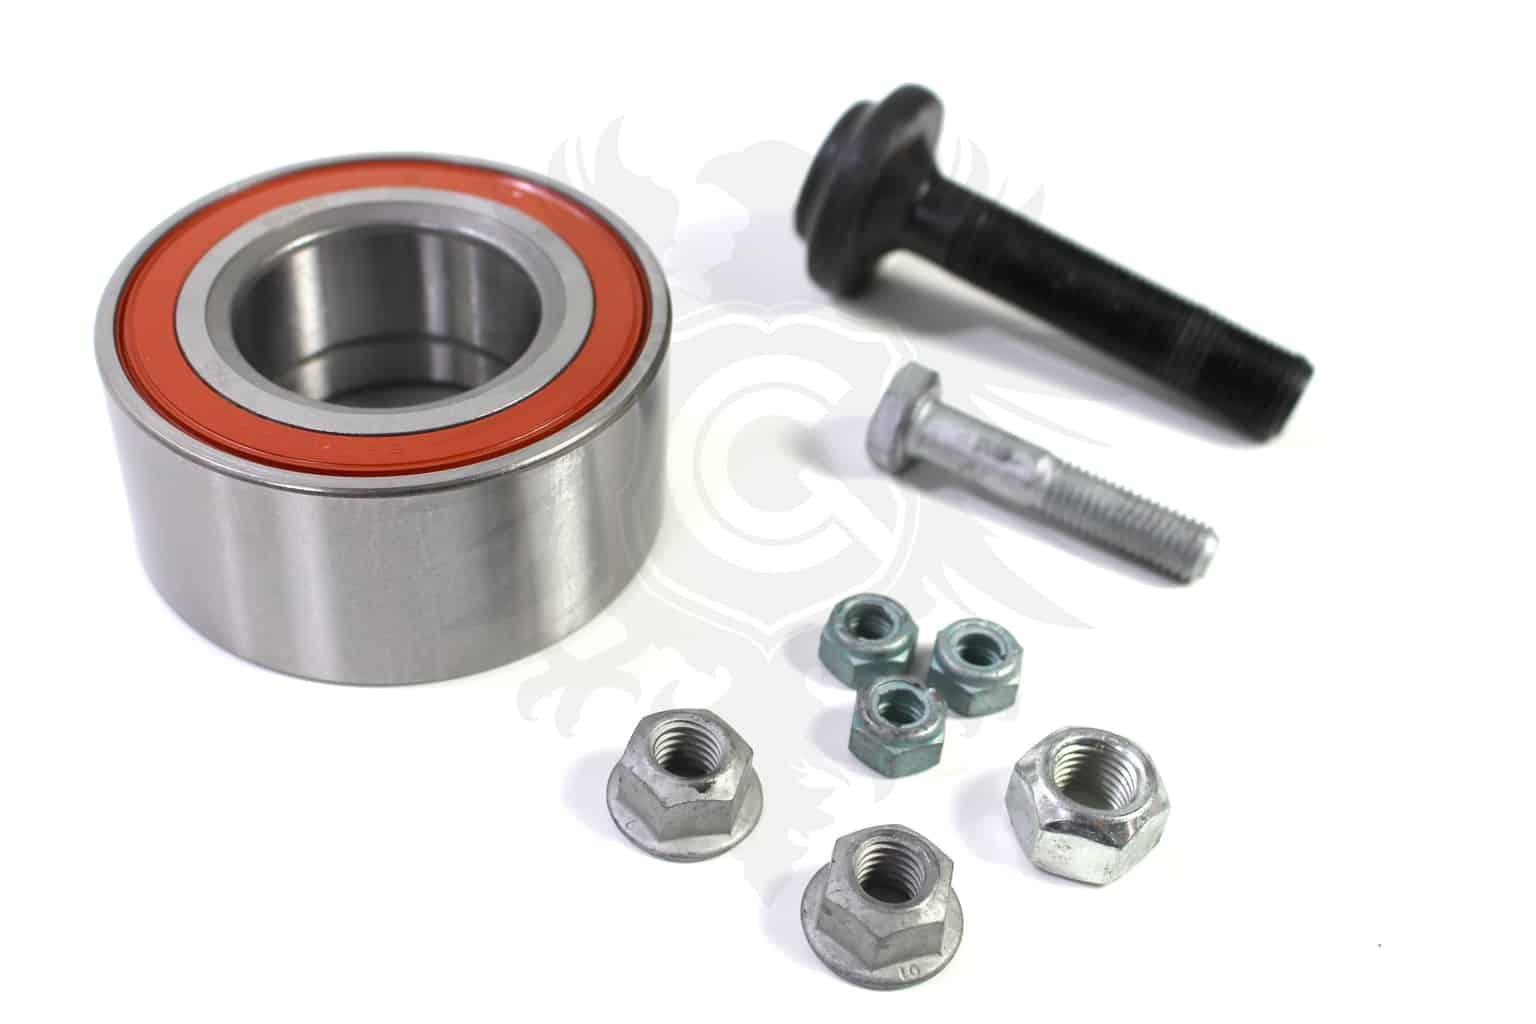 wheel bearing kit passat audi cascade german parts rh cascadegerman com Rear Wheel Bearing Replacement Audi A4 Wheel Bearing DIY